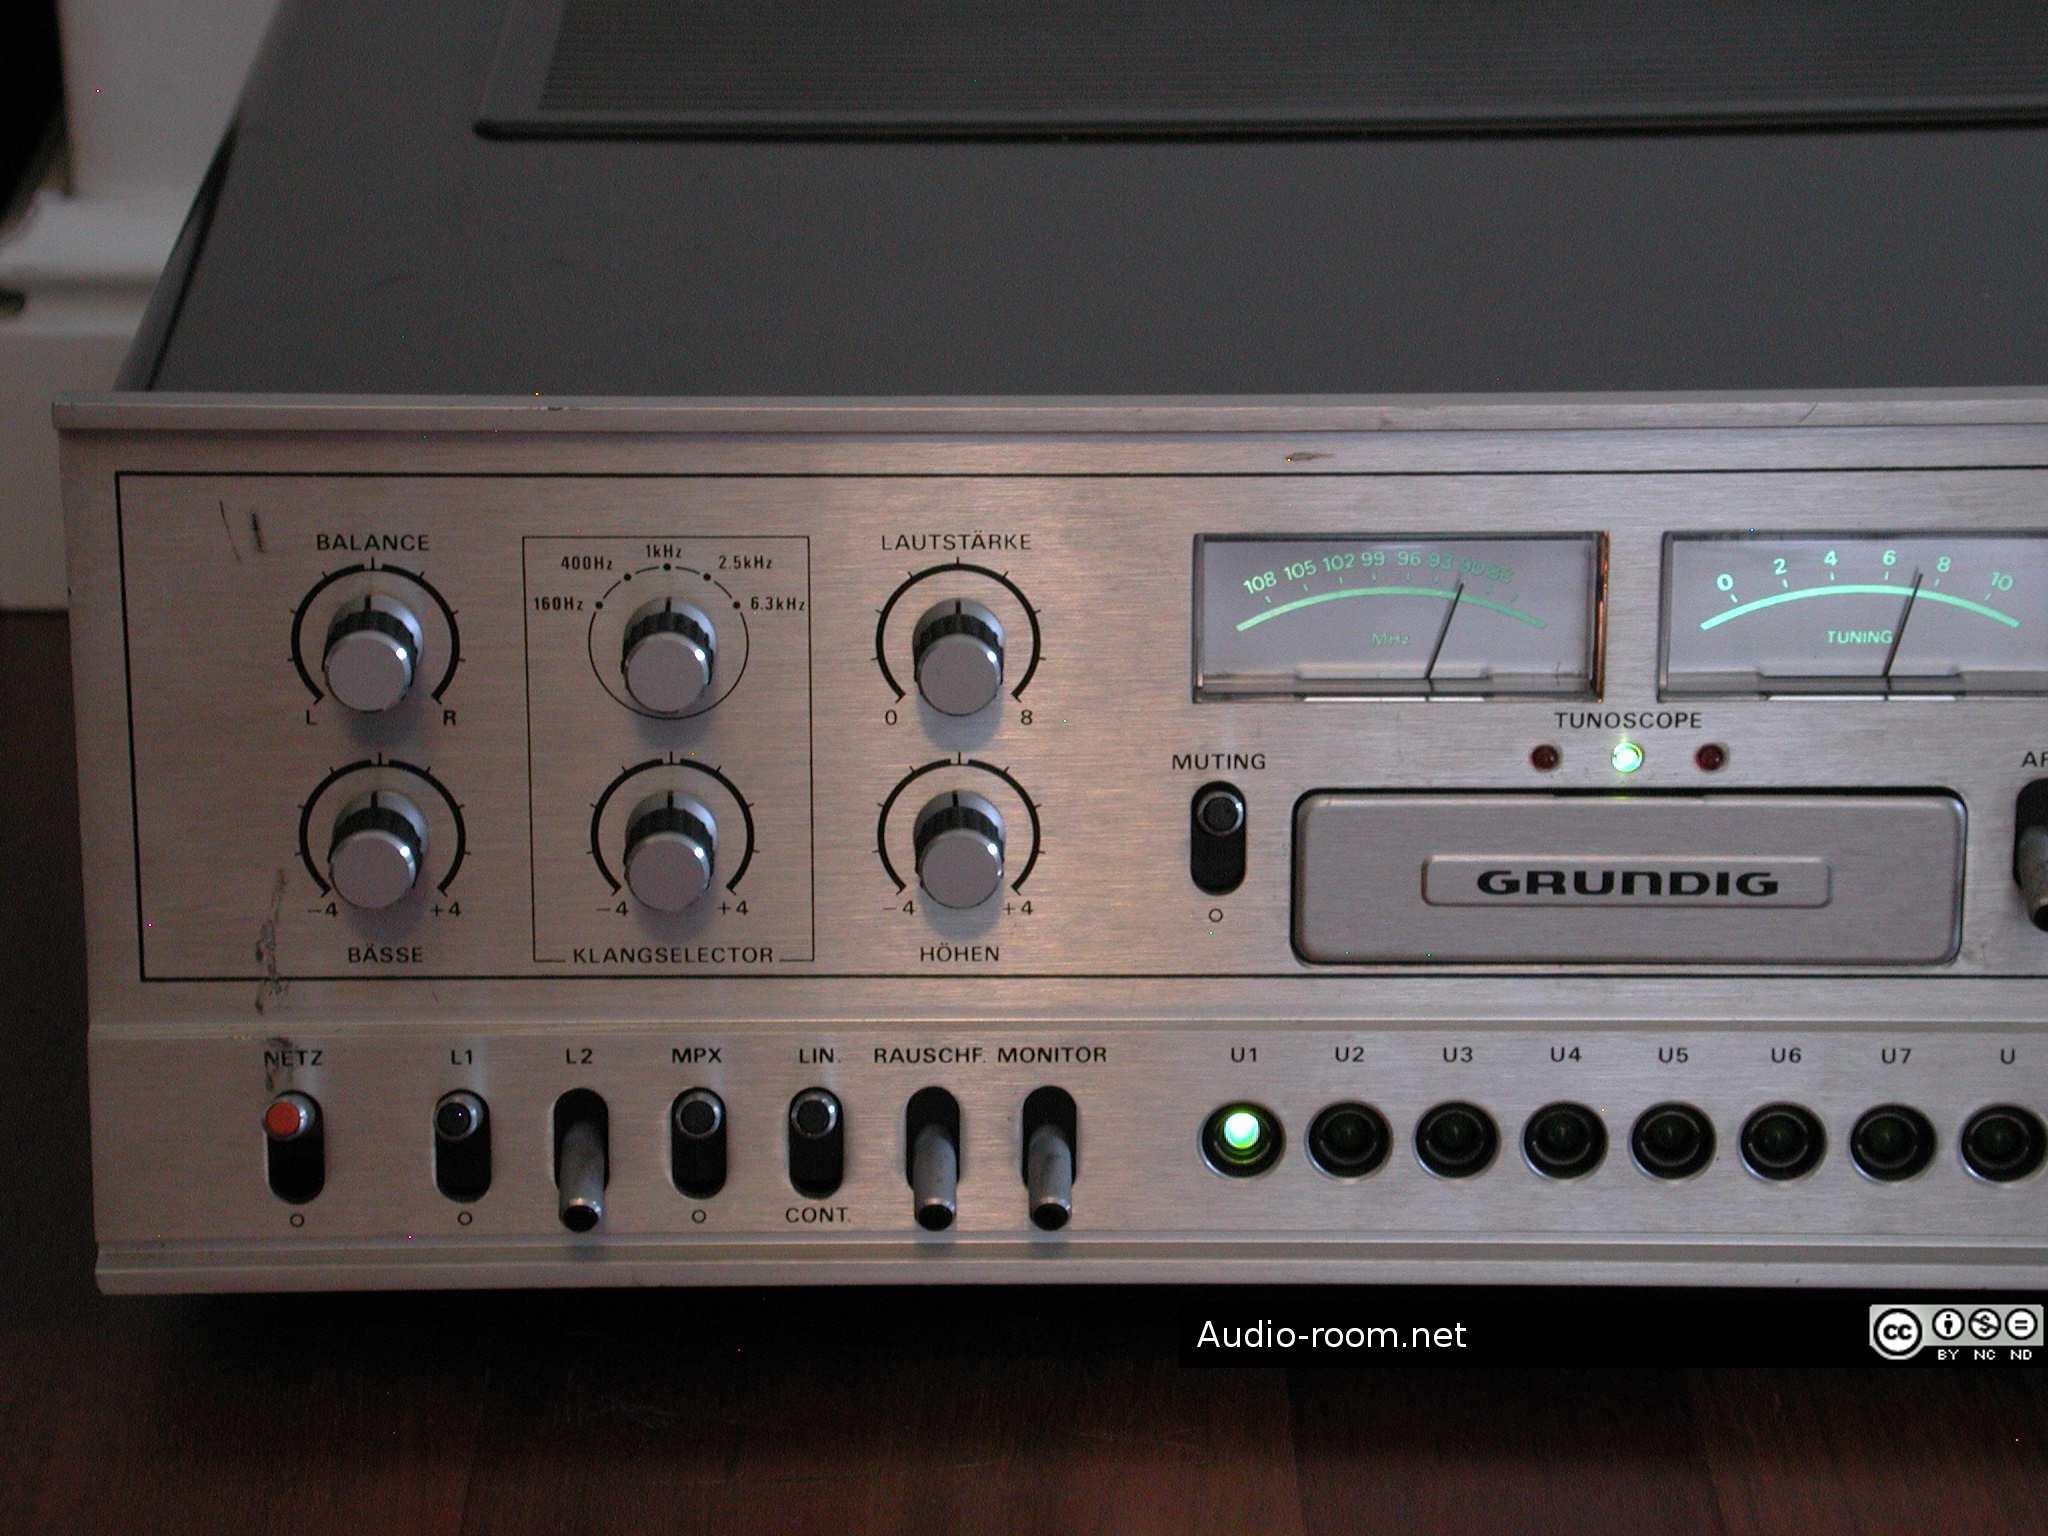 grundig-receiver-50 - dscn3358